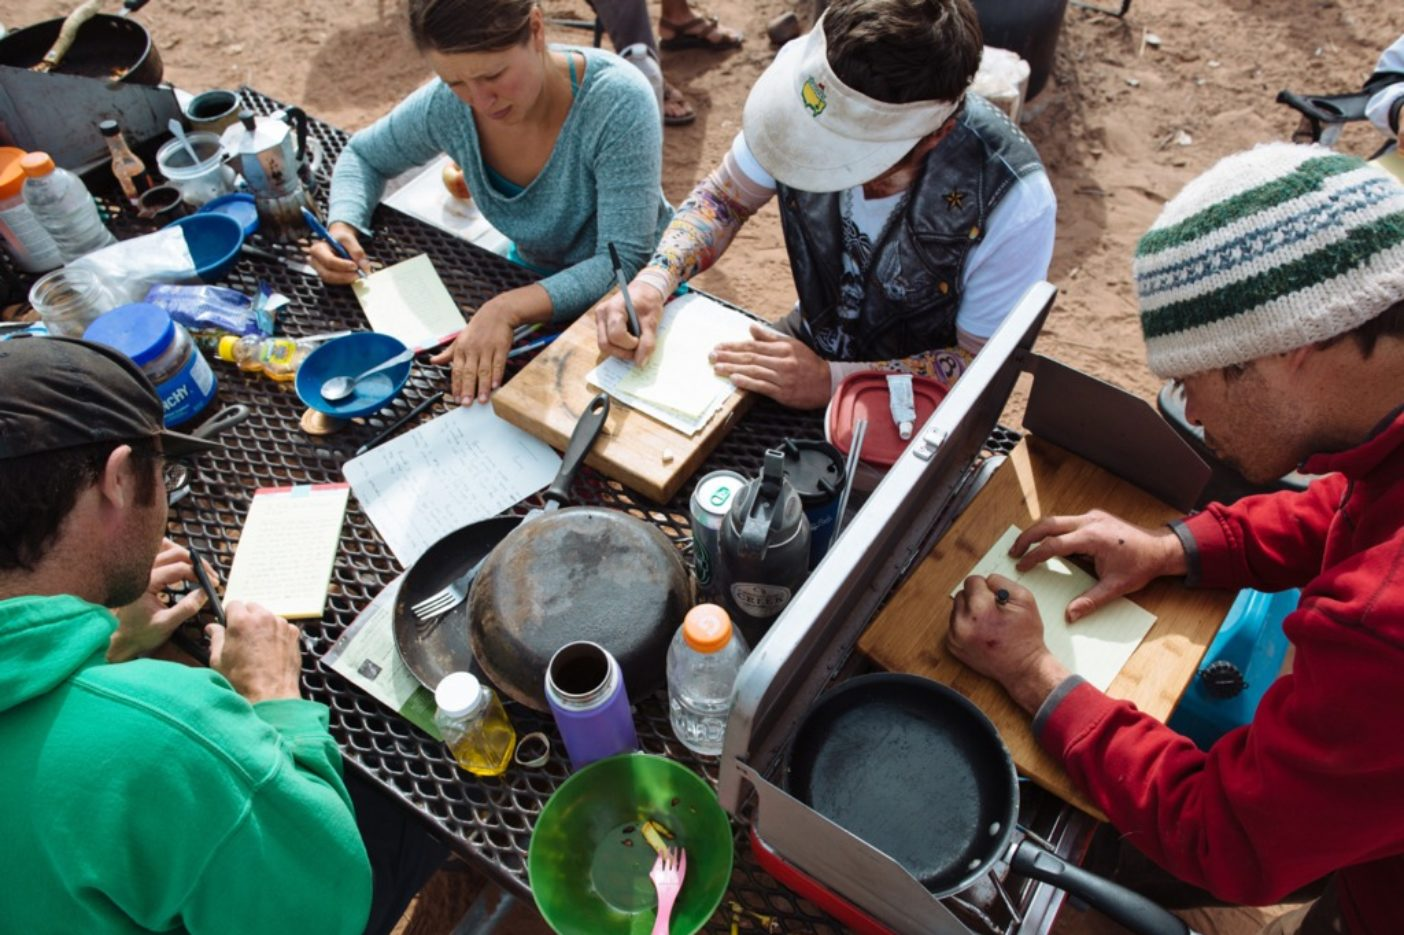 インディアン・クリークを守るためにペンと紙を取る。ユタ州南東部のベアーズ・イヤーズ。写真:Photo: Matty Van Biene